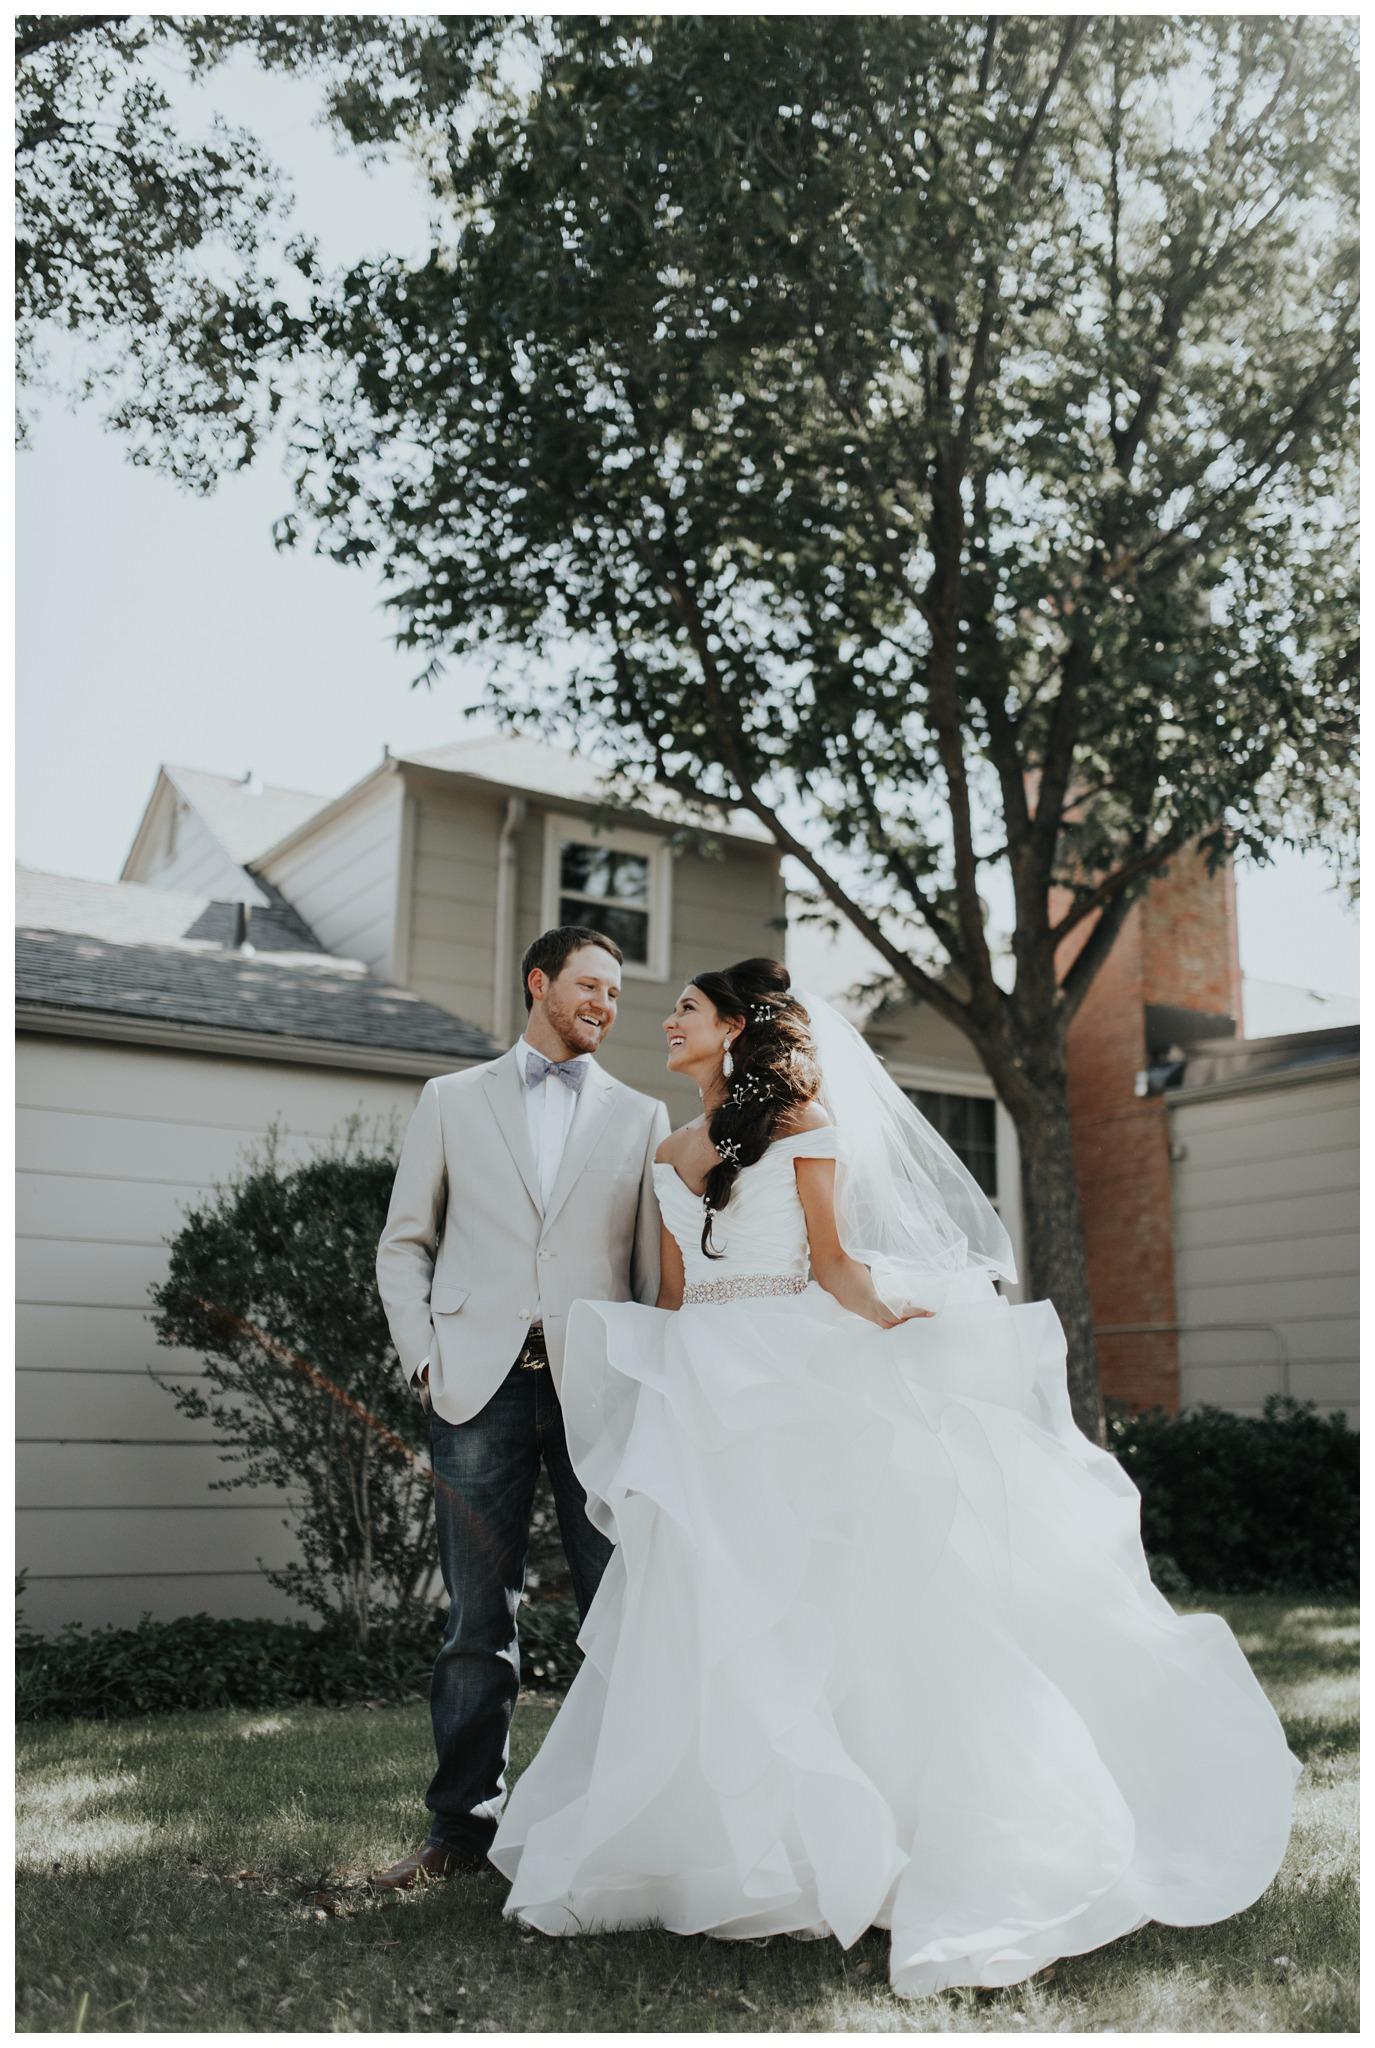 Whimsical Ranch West Texas Wedding - DIY Farm Wedding-7623.jpg